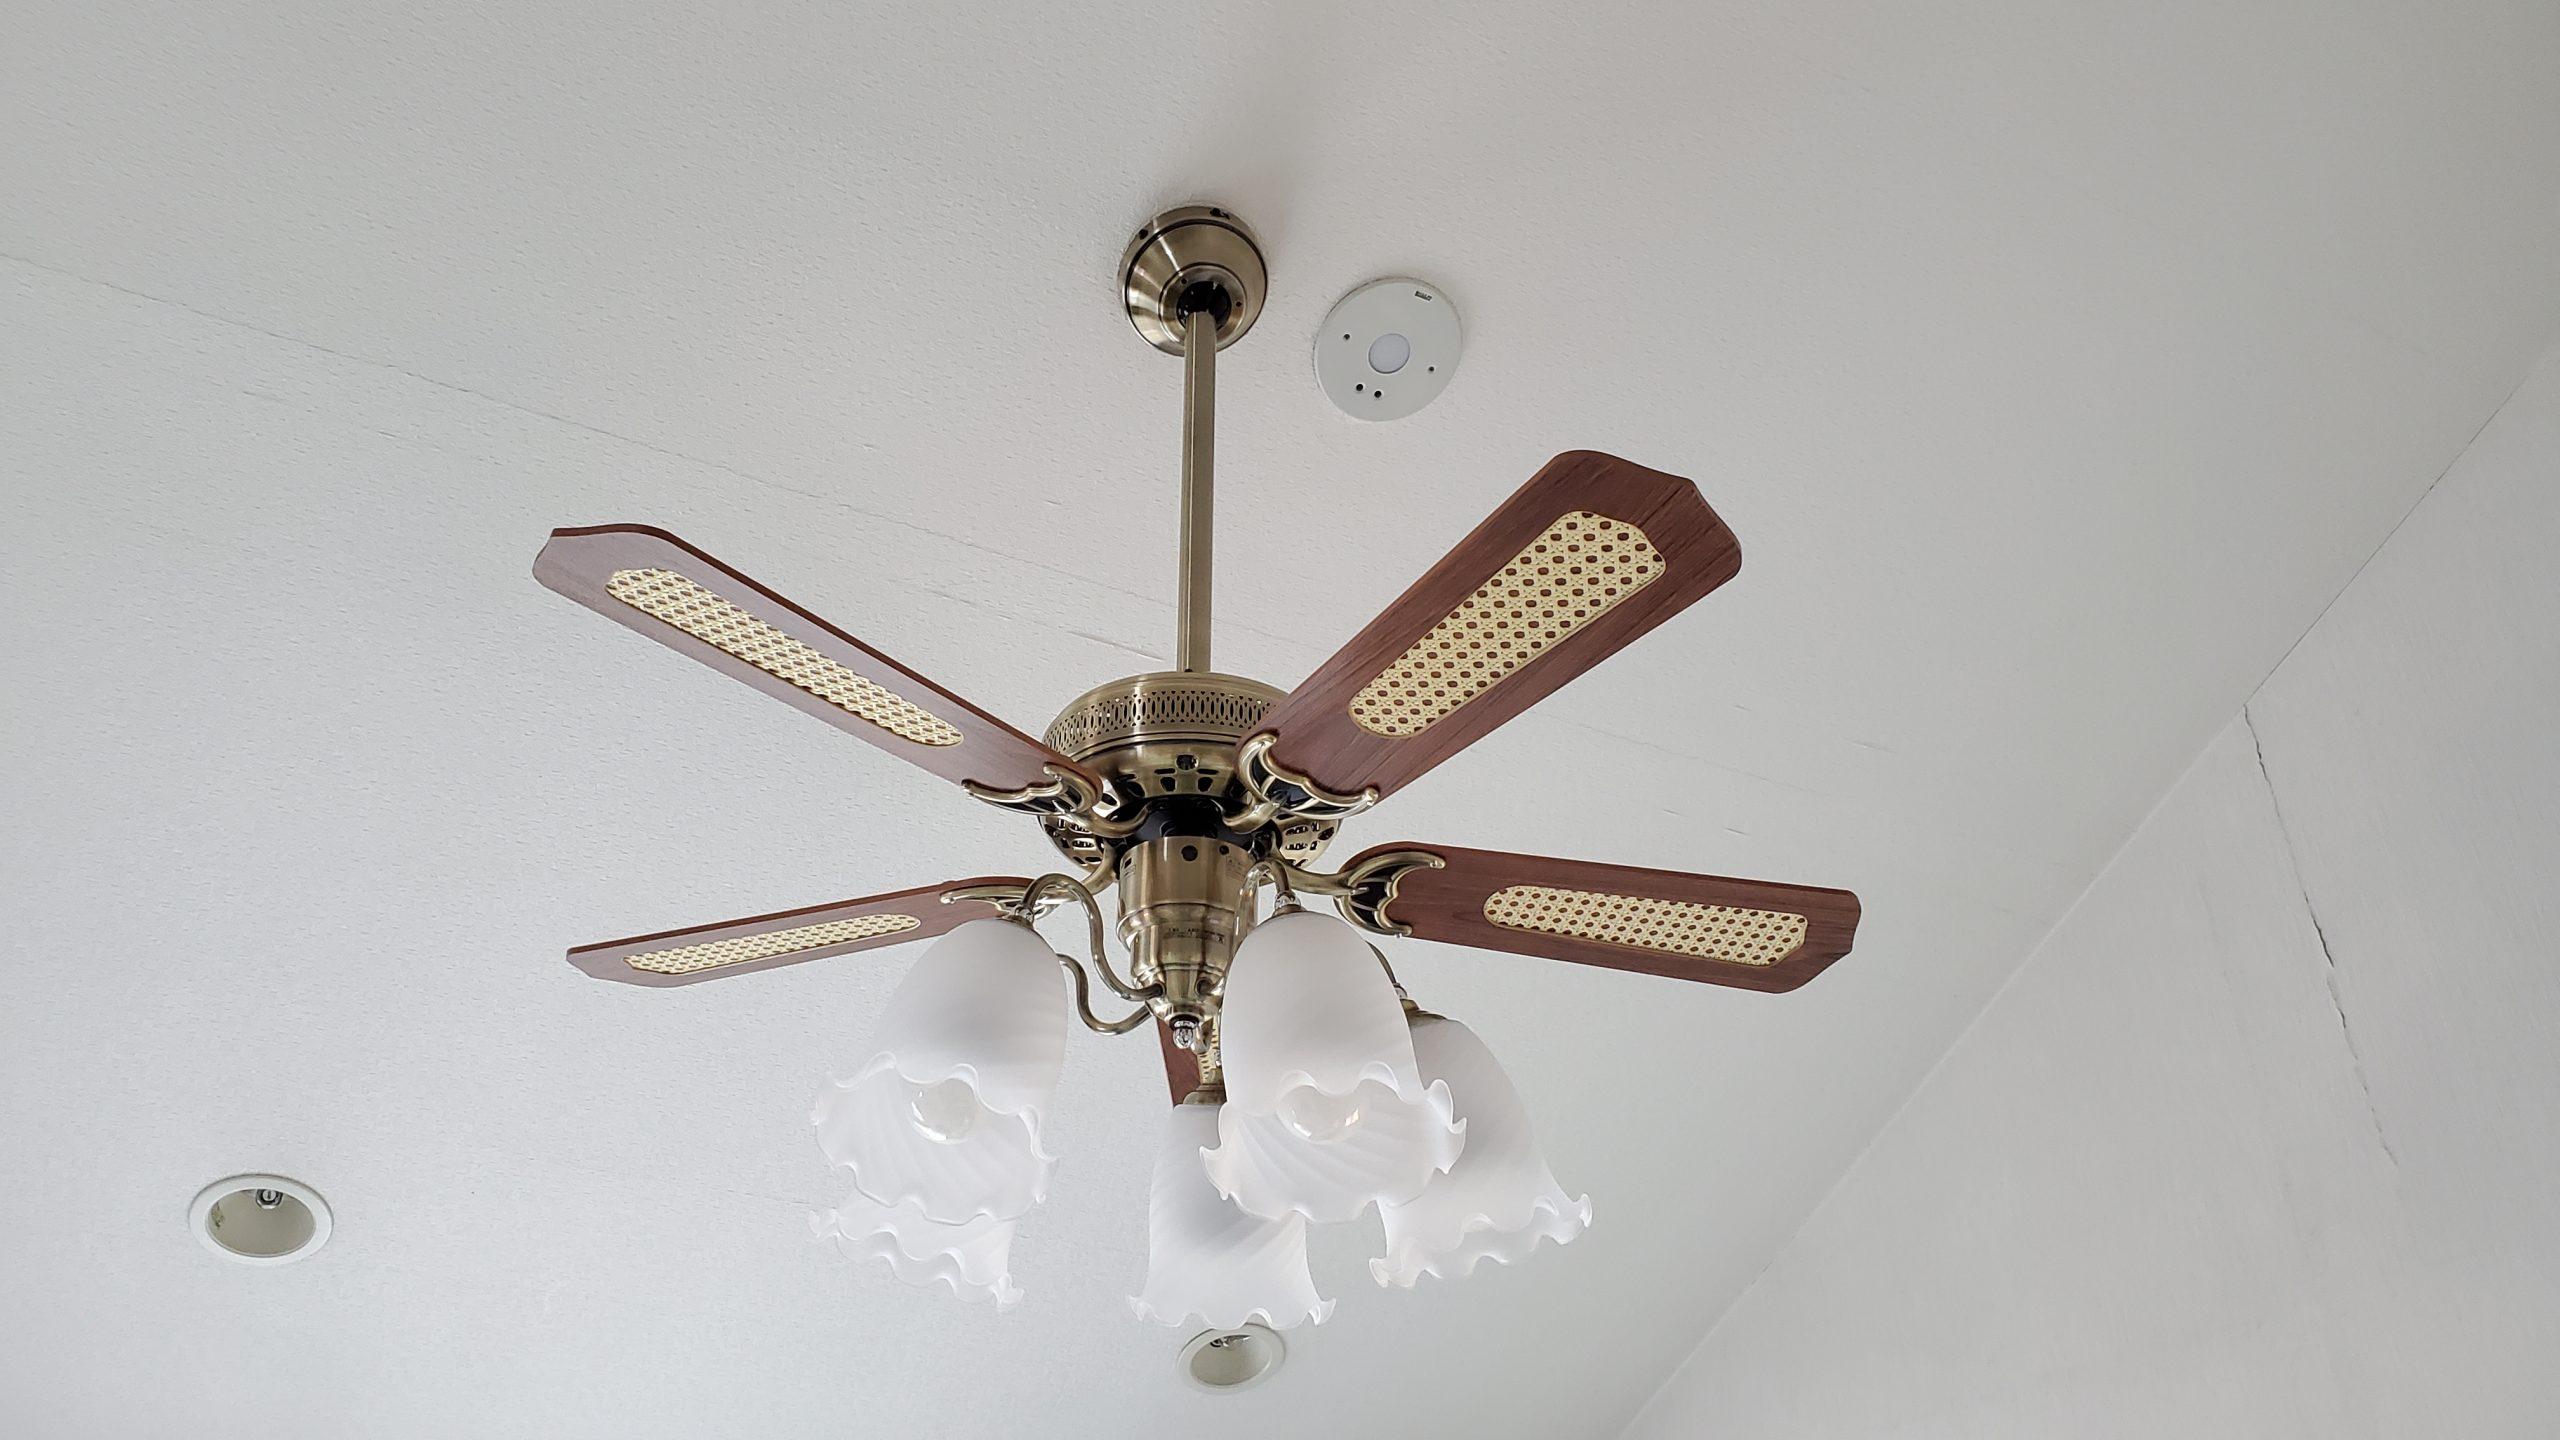 傾斜対応 LED 調光・光色切替(電球色-昼白色) 5灯 オーデリック製シーリングファンライト【OEB300】